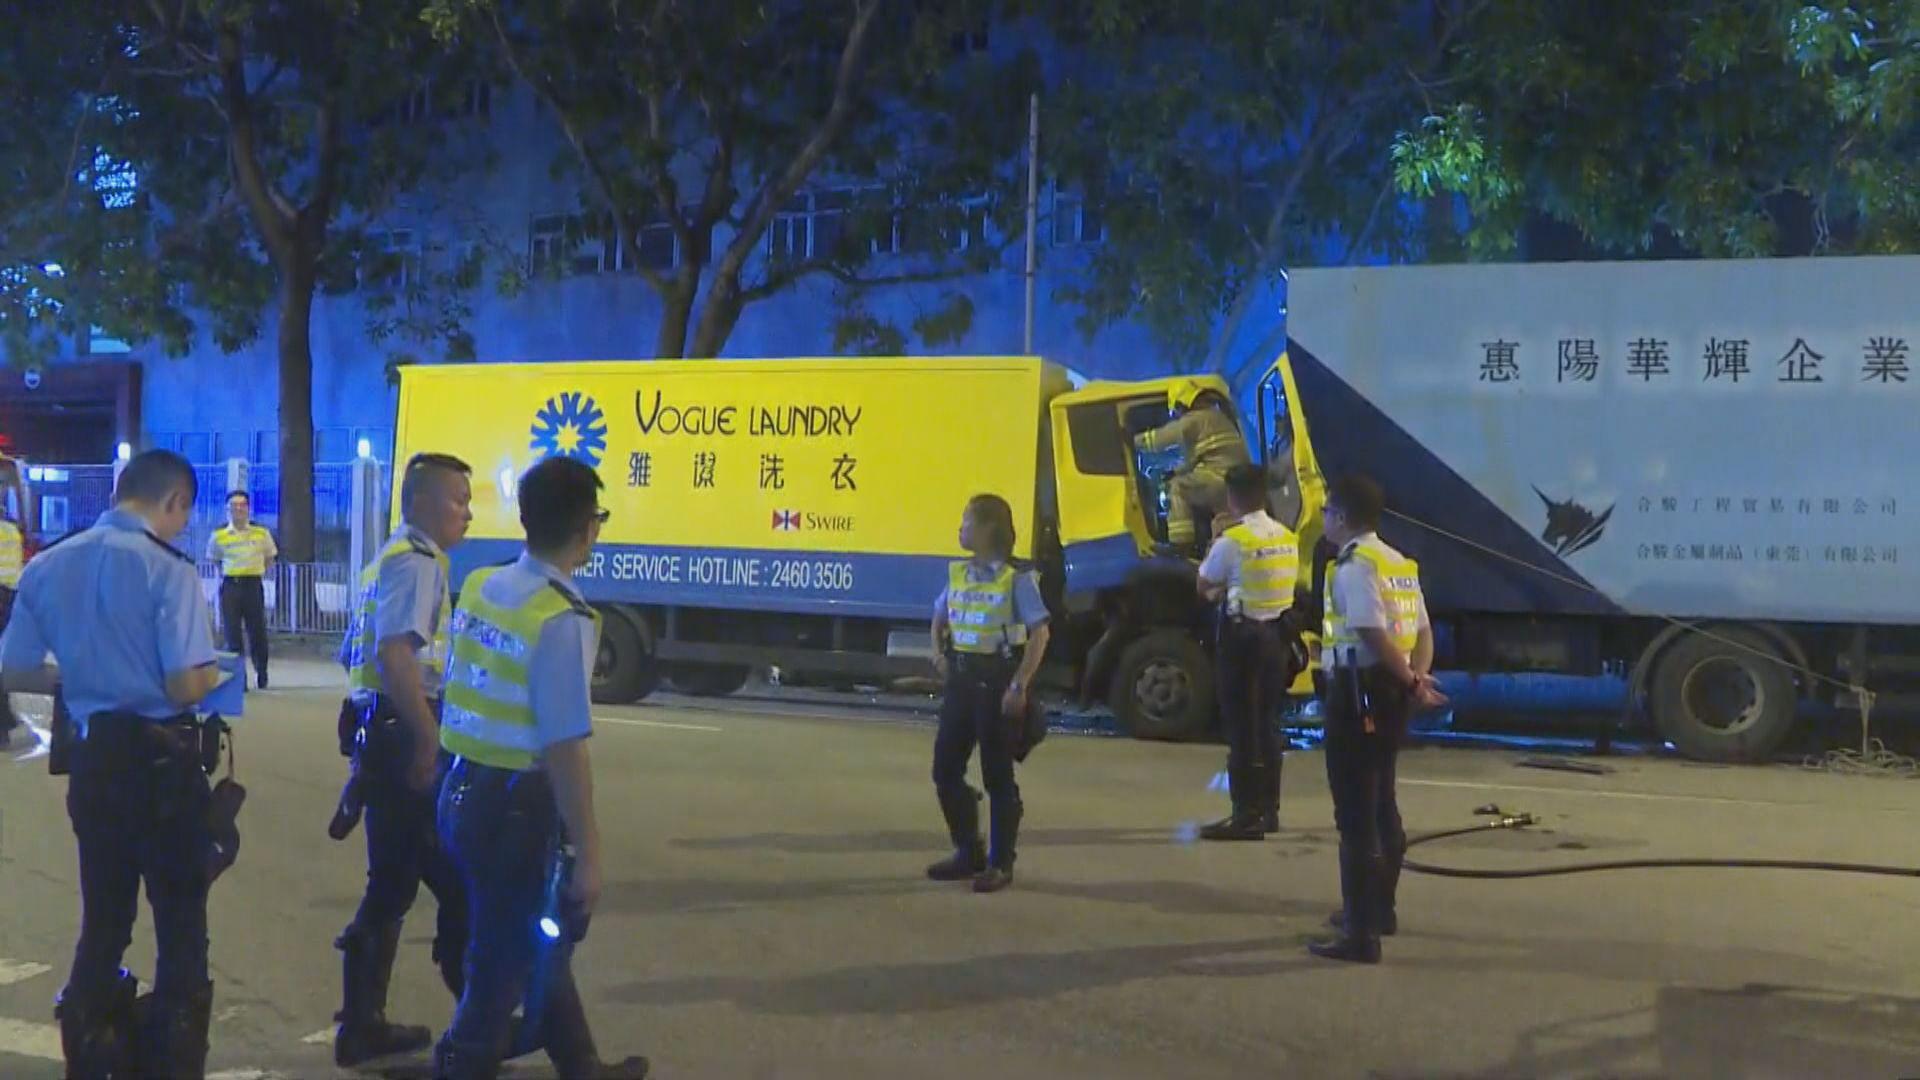 元朗兩貨車相撞 兩人受傷送院